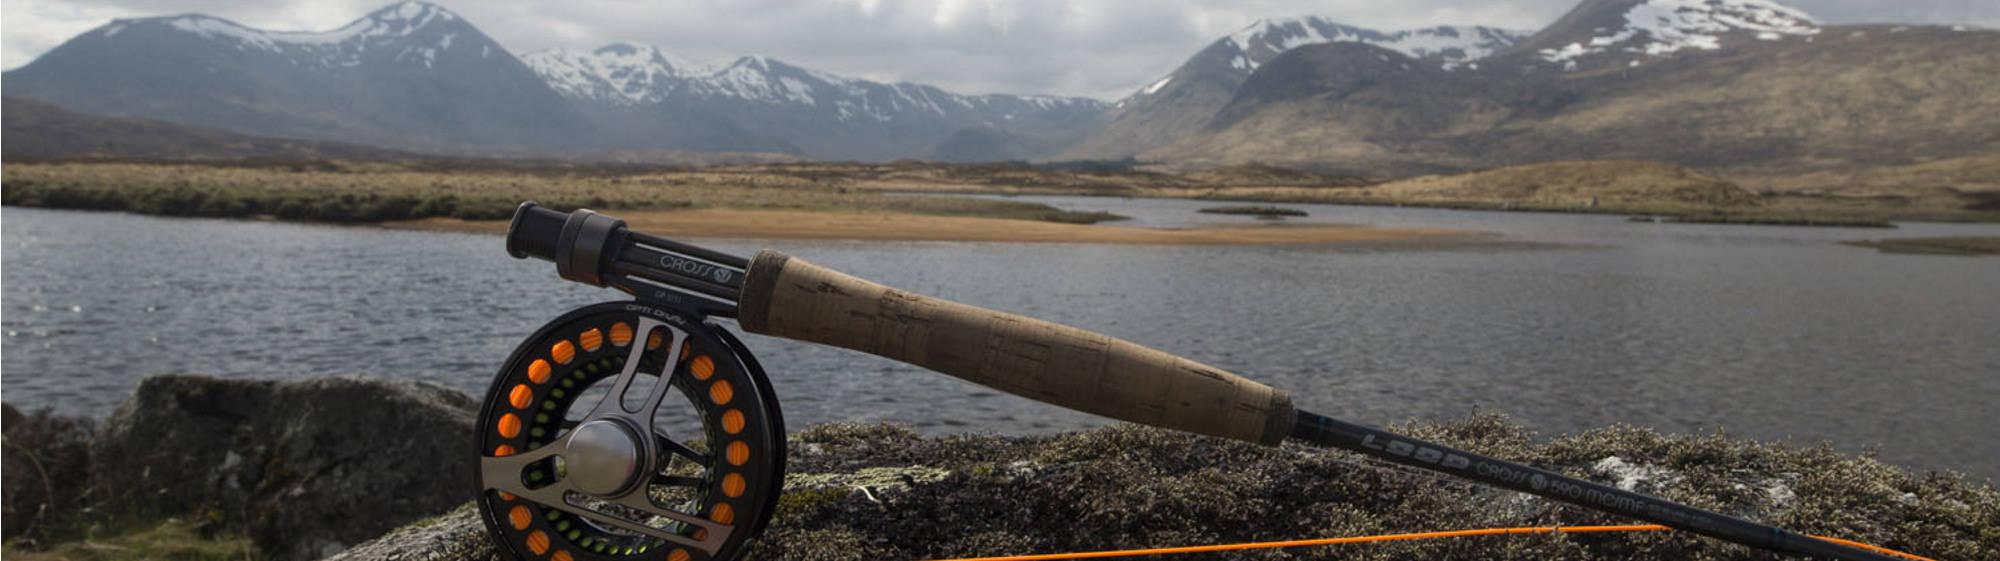 Scottish-fishing